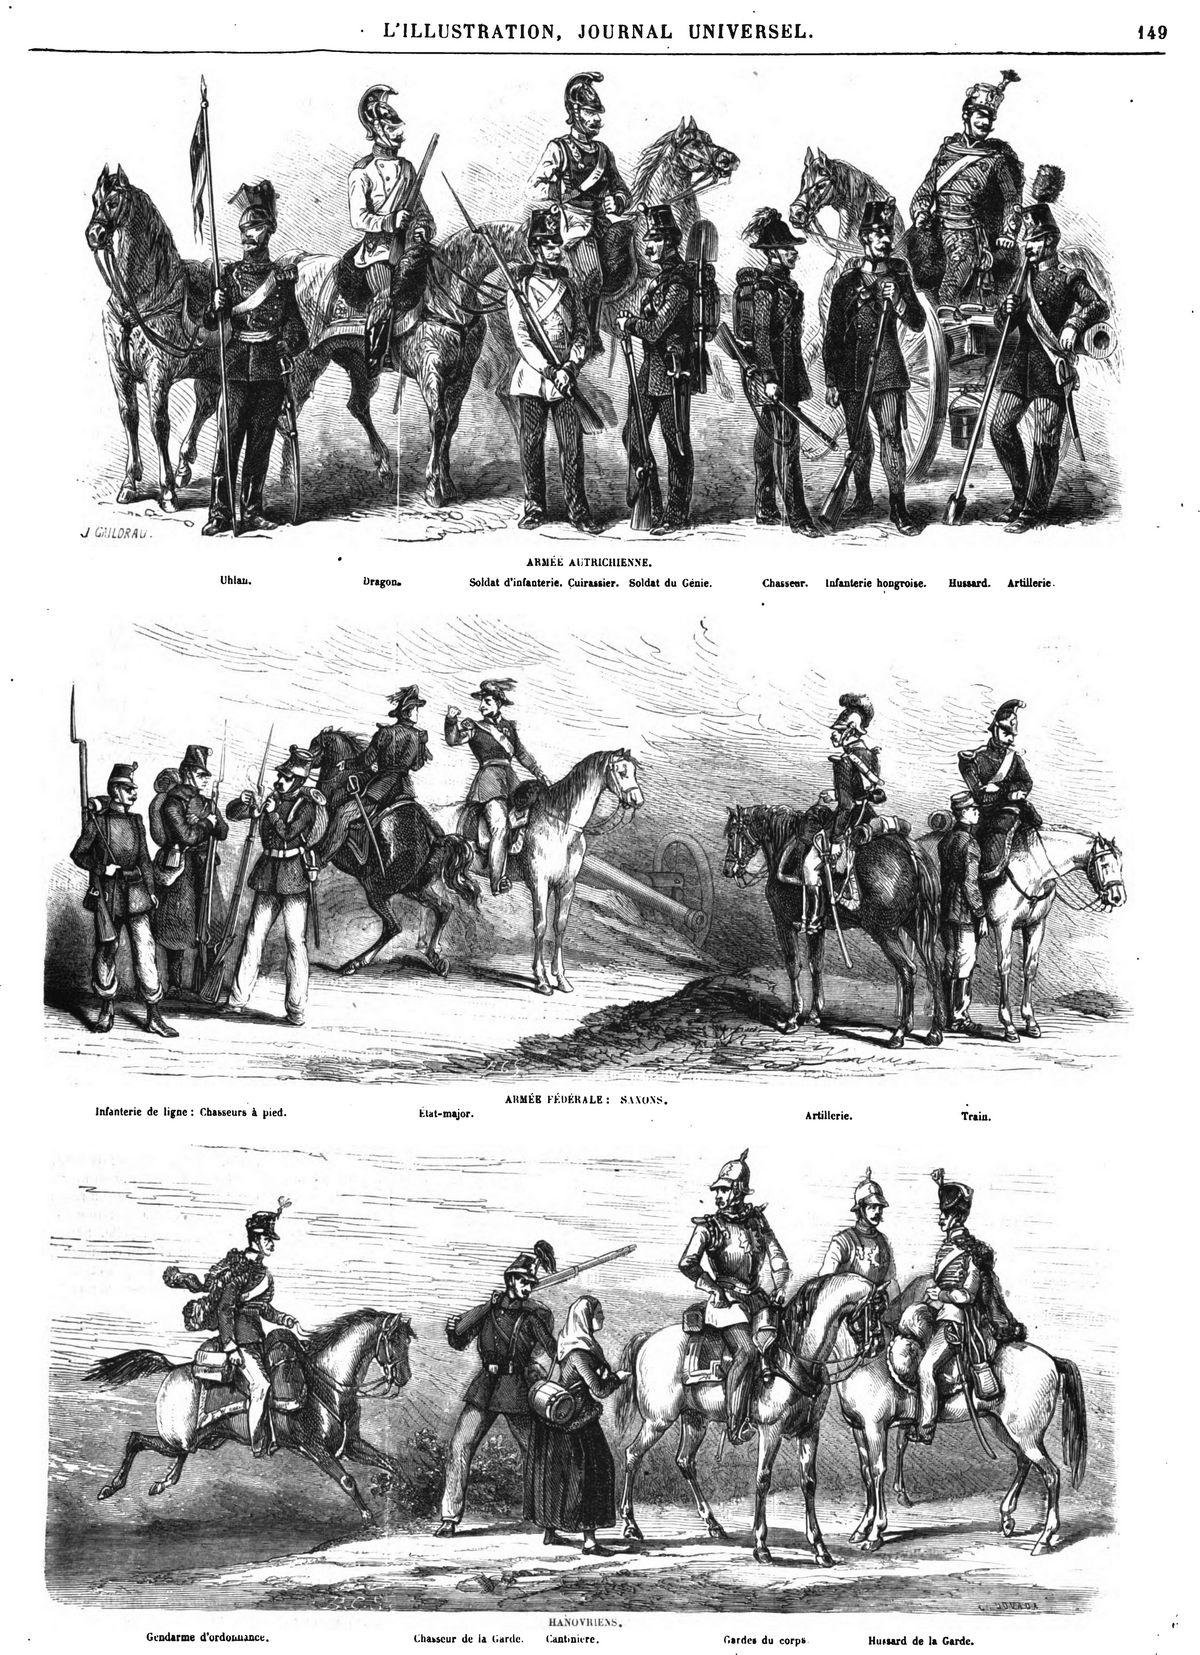 Costumes des armées autrichienne, saxonne et hanovrienne (3 gravures). La guerre des Duchés-guerre prusso-danoise-seconde guerre de Schleswig-Deutsch-Dänischer Krieg-Guerra de los Ducados-Second Schleswig War-Février 1864 à octobre 1864